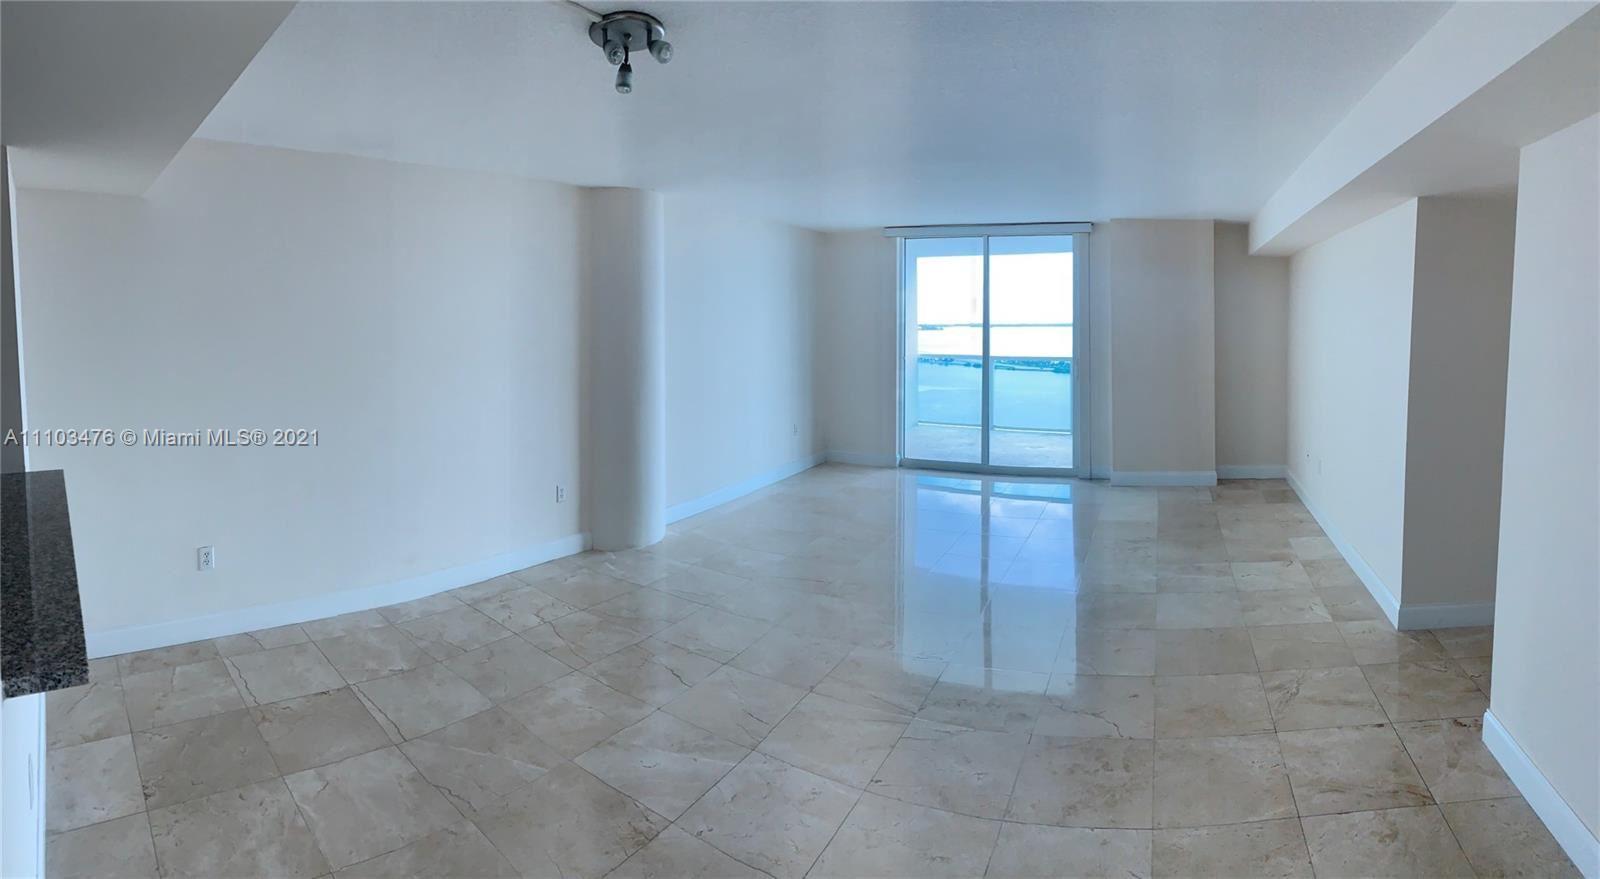 2101 Brickell Ave #2507, Miami, FL 33129 - #: A11103476